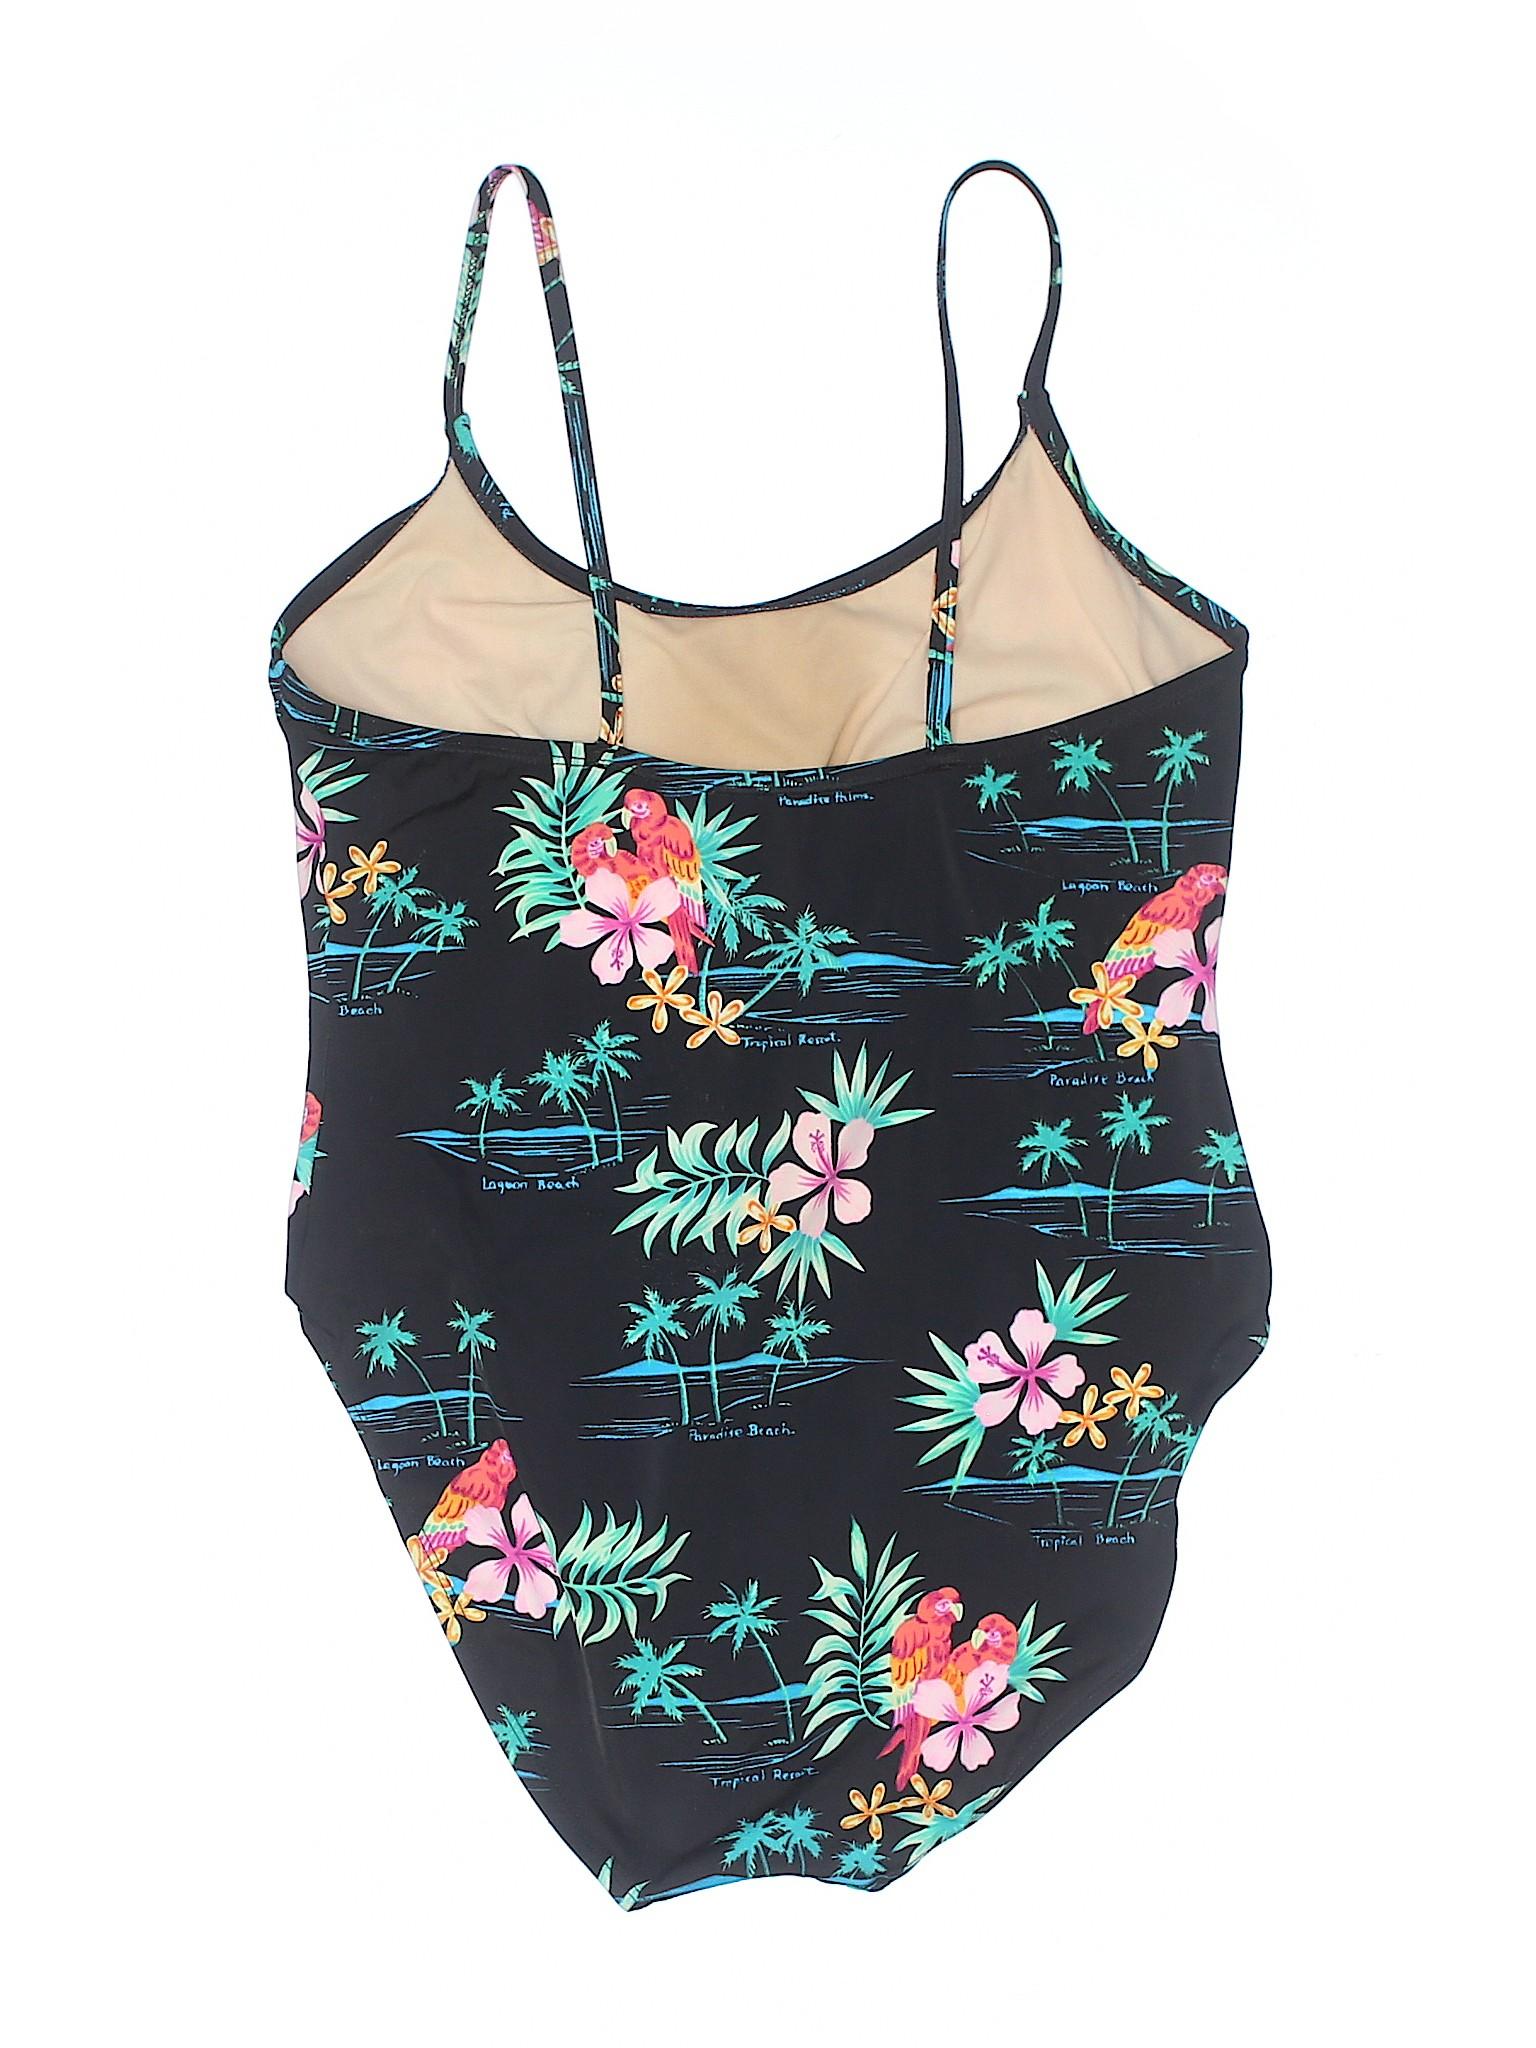 One One Islander Boutique Swimsuit Swimsuit Boutique Piece Piece Islander nfWafHTR